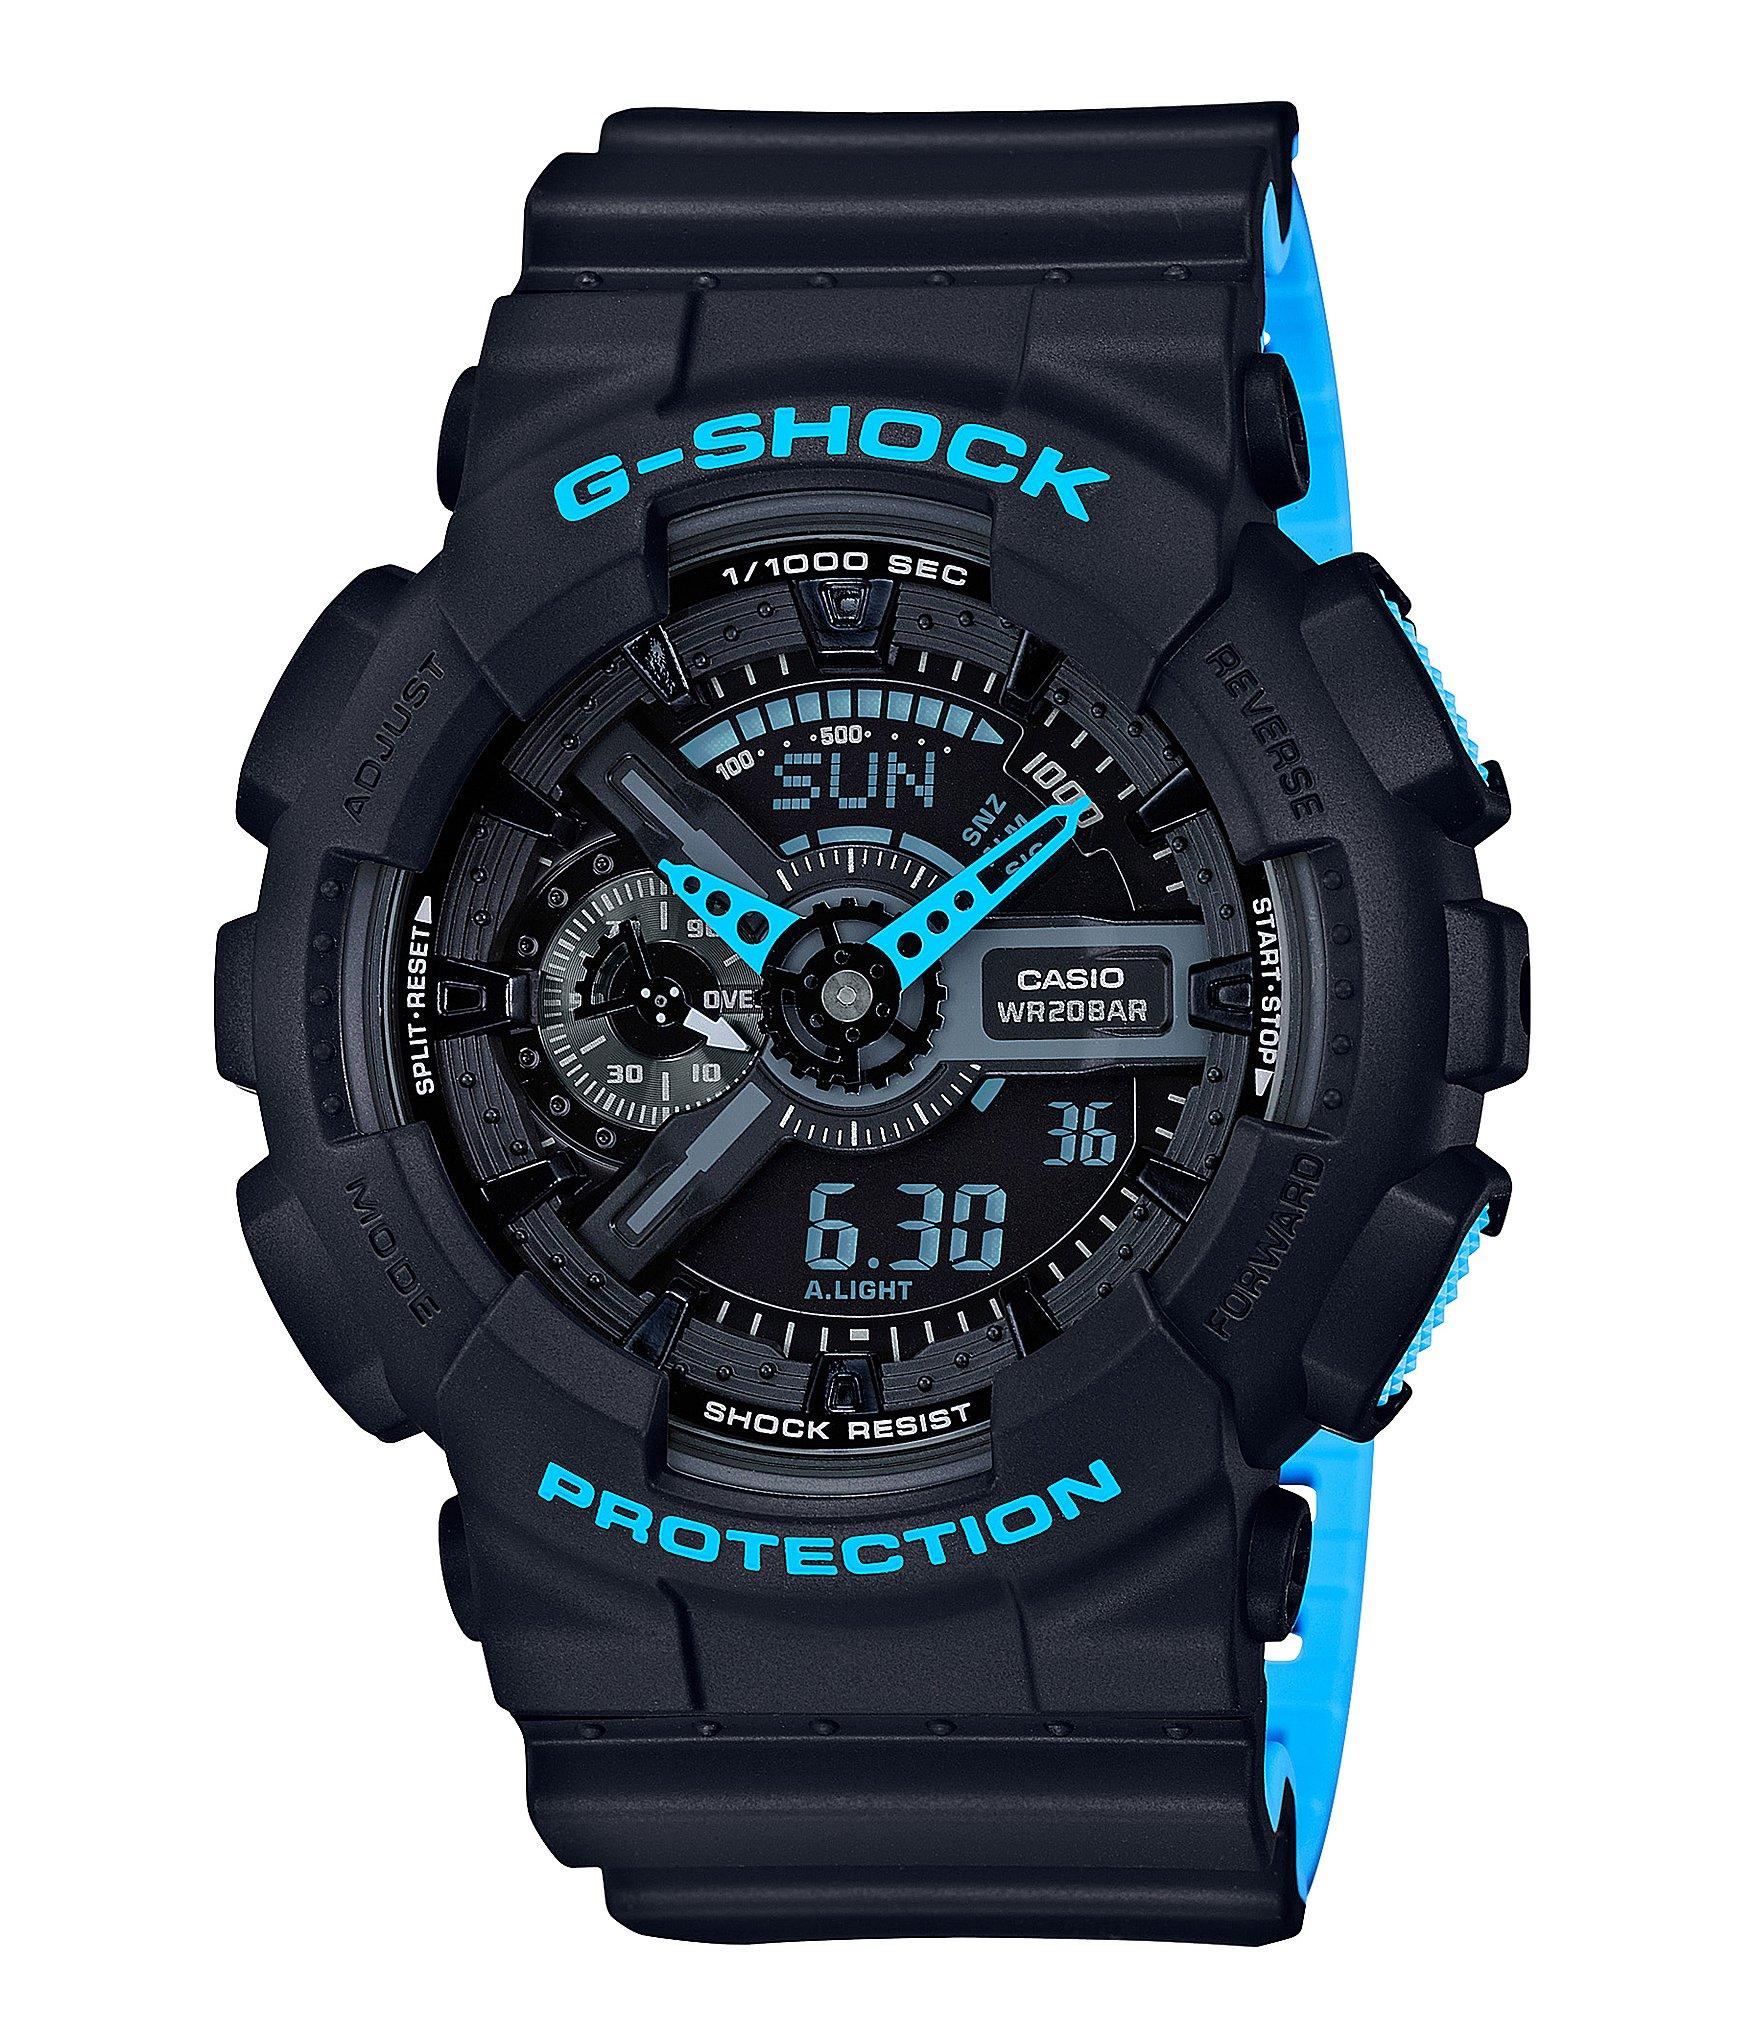 Наручные часы Casio Касио G-SHOCK в магазине в Нижнем